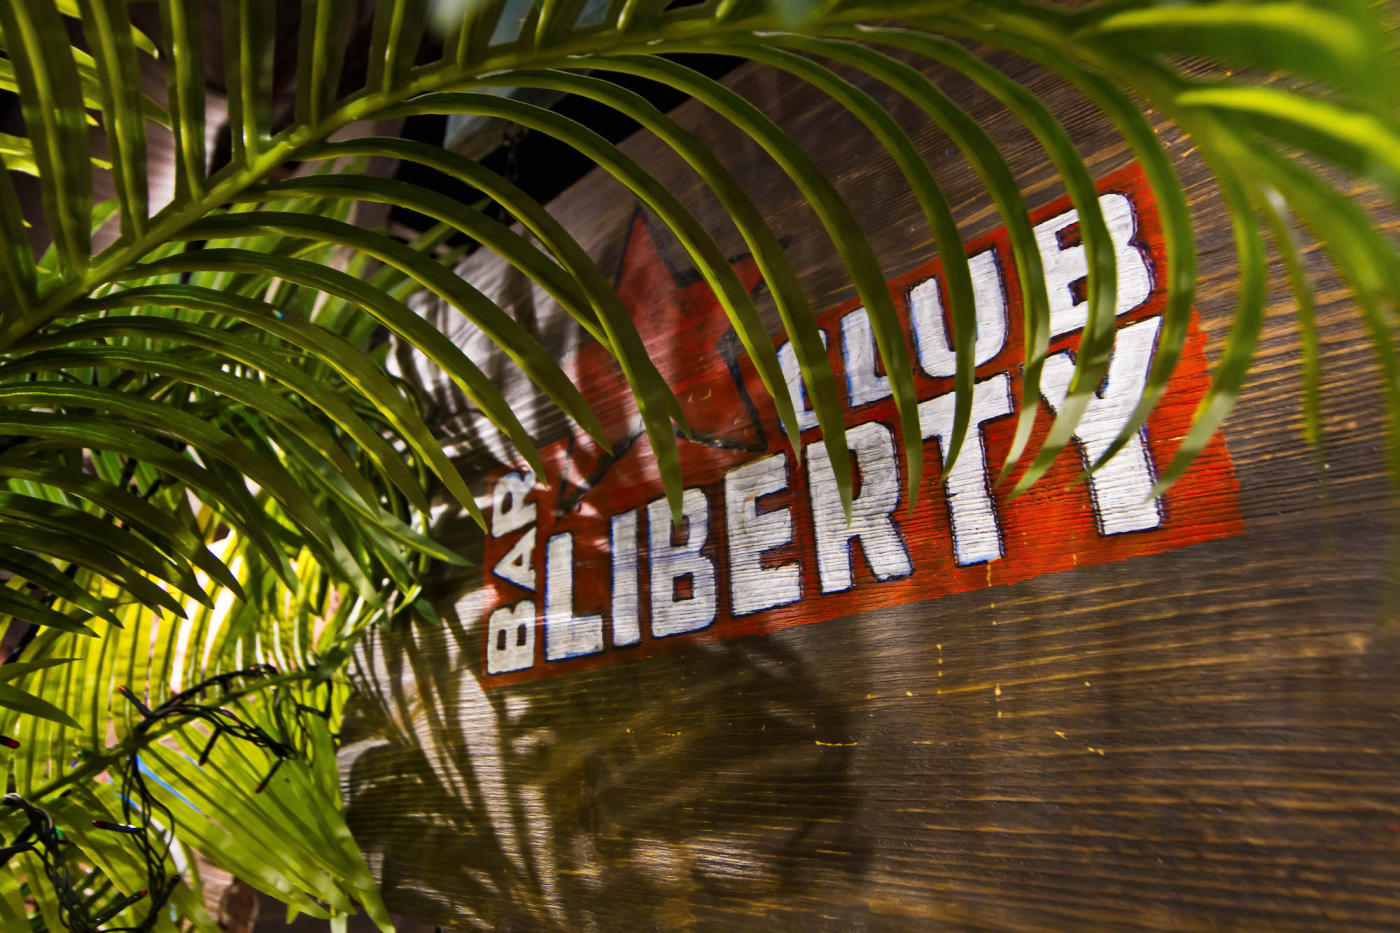 Клуб Либерти на Китай-Городе (Liberty Club) фото 2